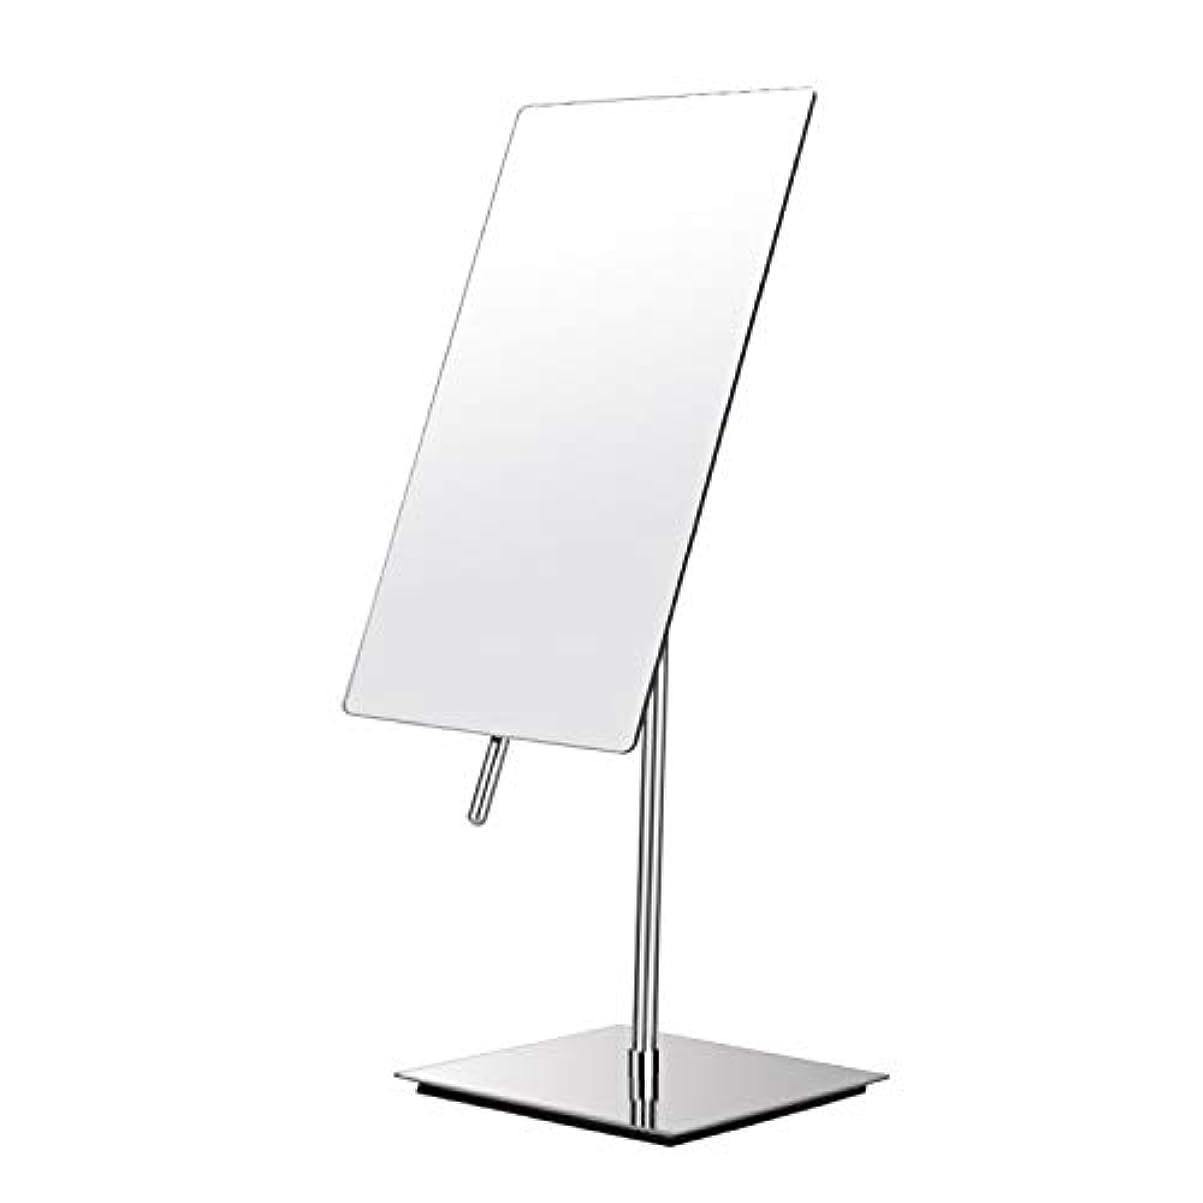 歌予測子サーキュレーション鏡 卓上 拡大しない 化粧鏡 女優ミラー メイクアップミラー 210x130mm 長方形鏡面 90度回転 スタンドミラー メイク ガラスサー 寝室や浴室に適しています